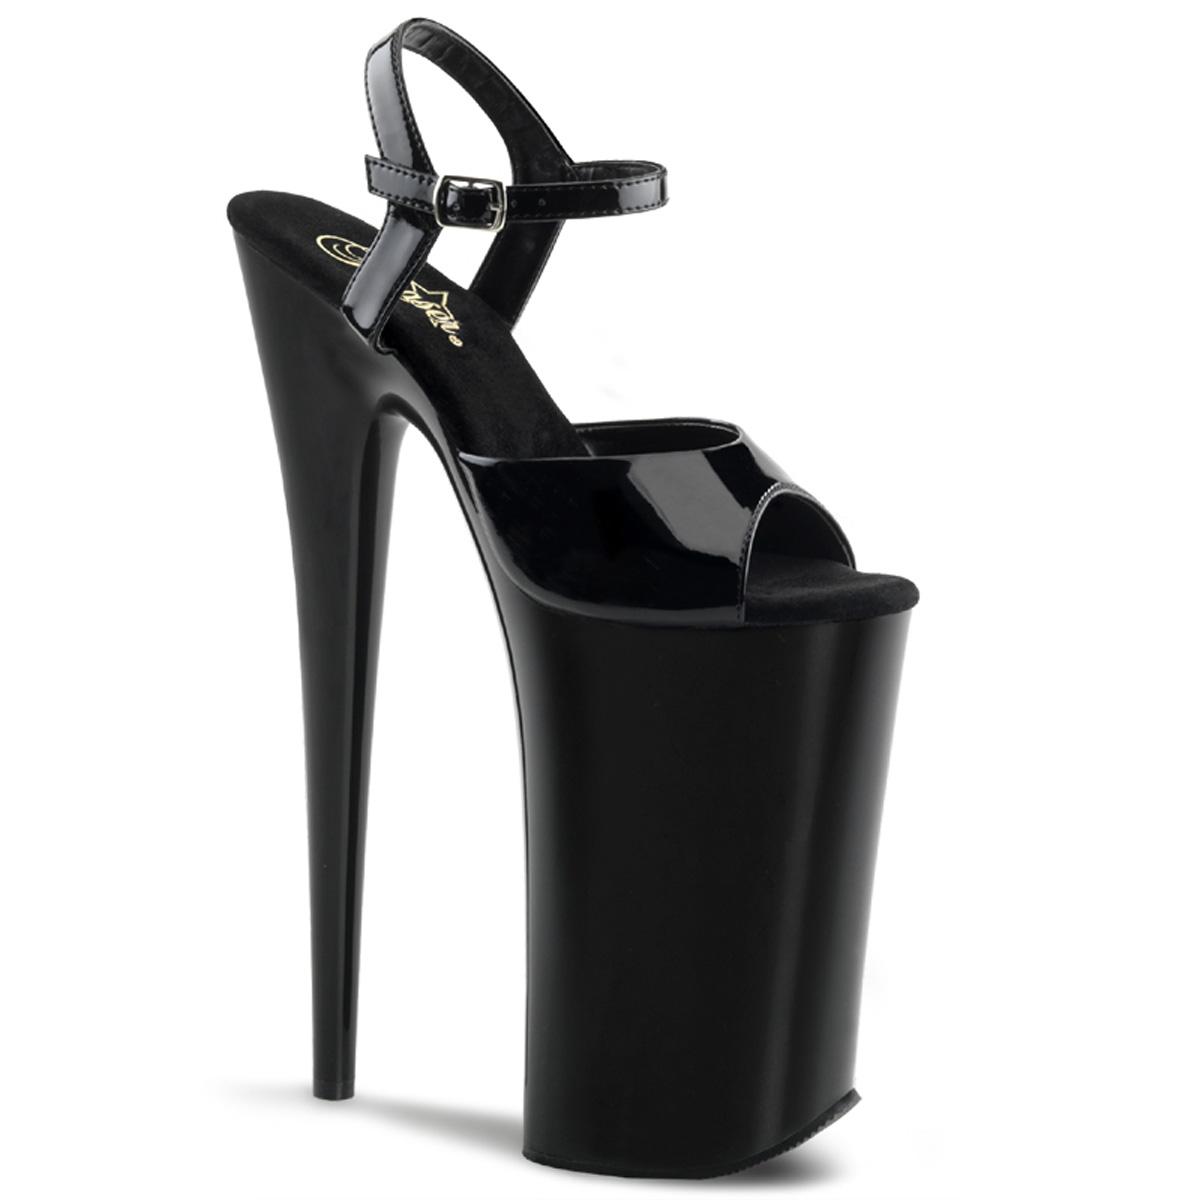 Pleaser Beyond-009 10 Inch Heel 6 1/4 Inch Platform Ankle Strap ...